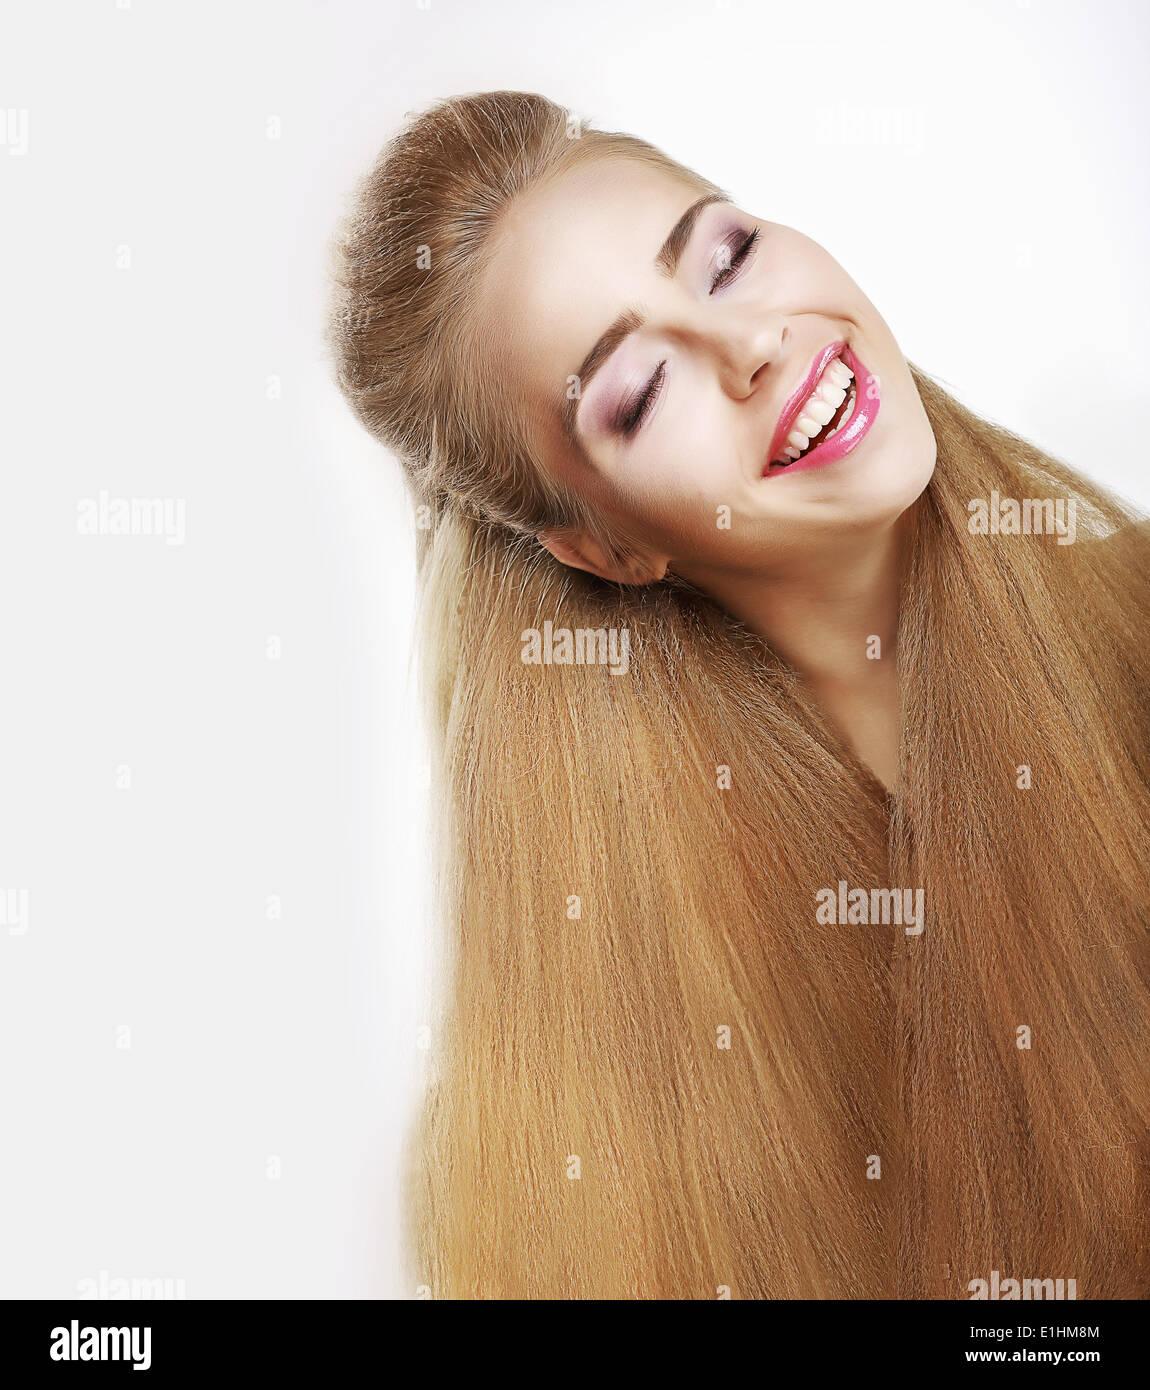 Sourire sincère. Jubilant Jeune femme avec des cheveux en bonne santé qui coule. Plaisir Photo Stock